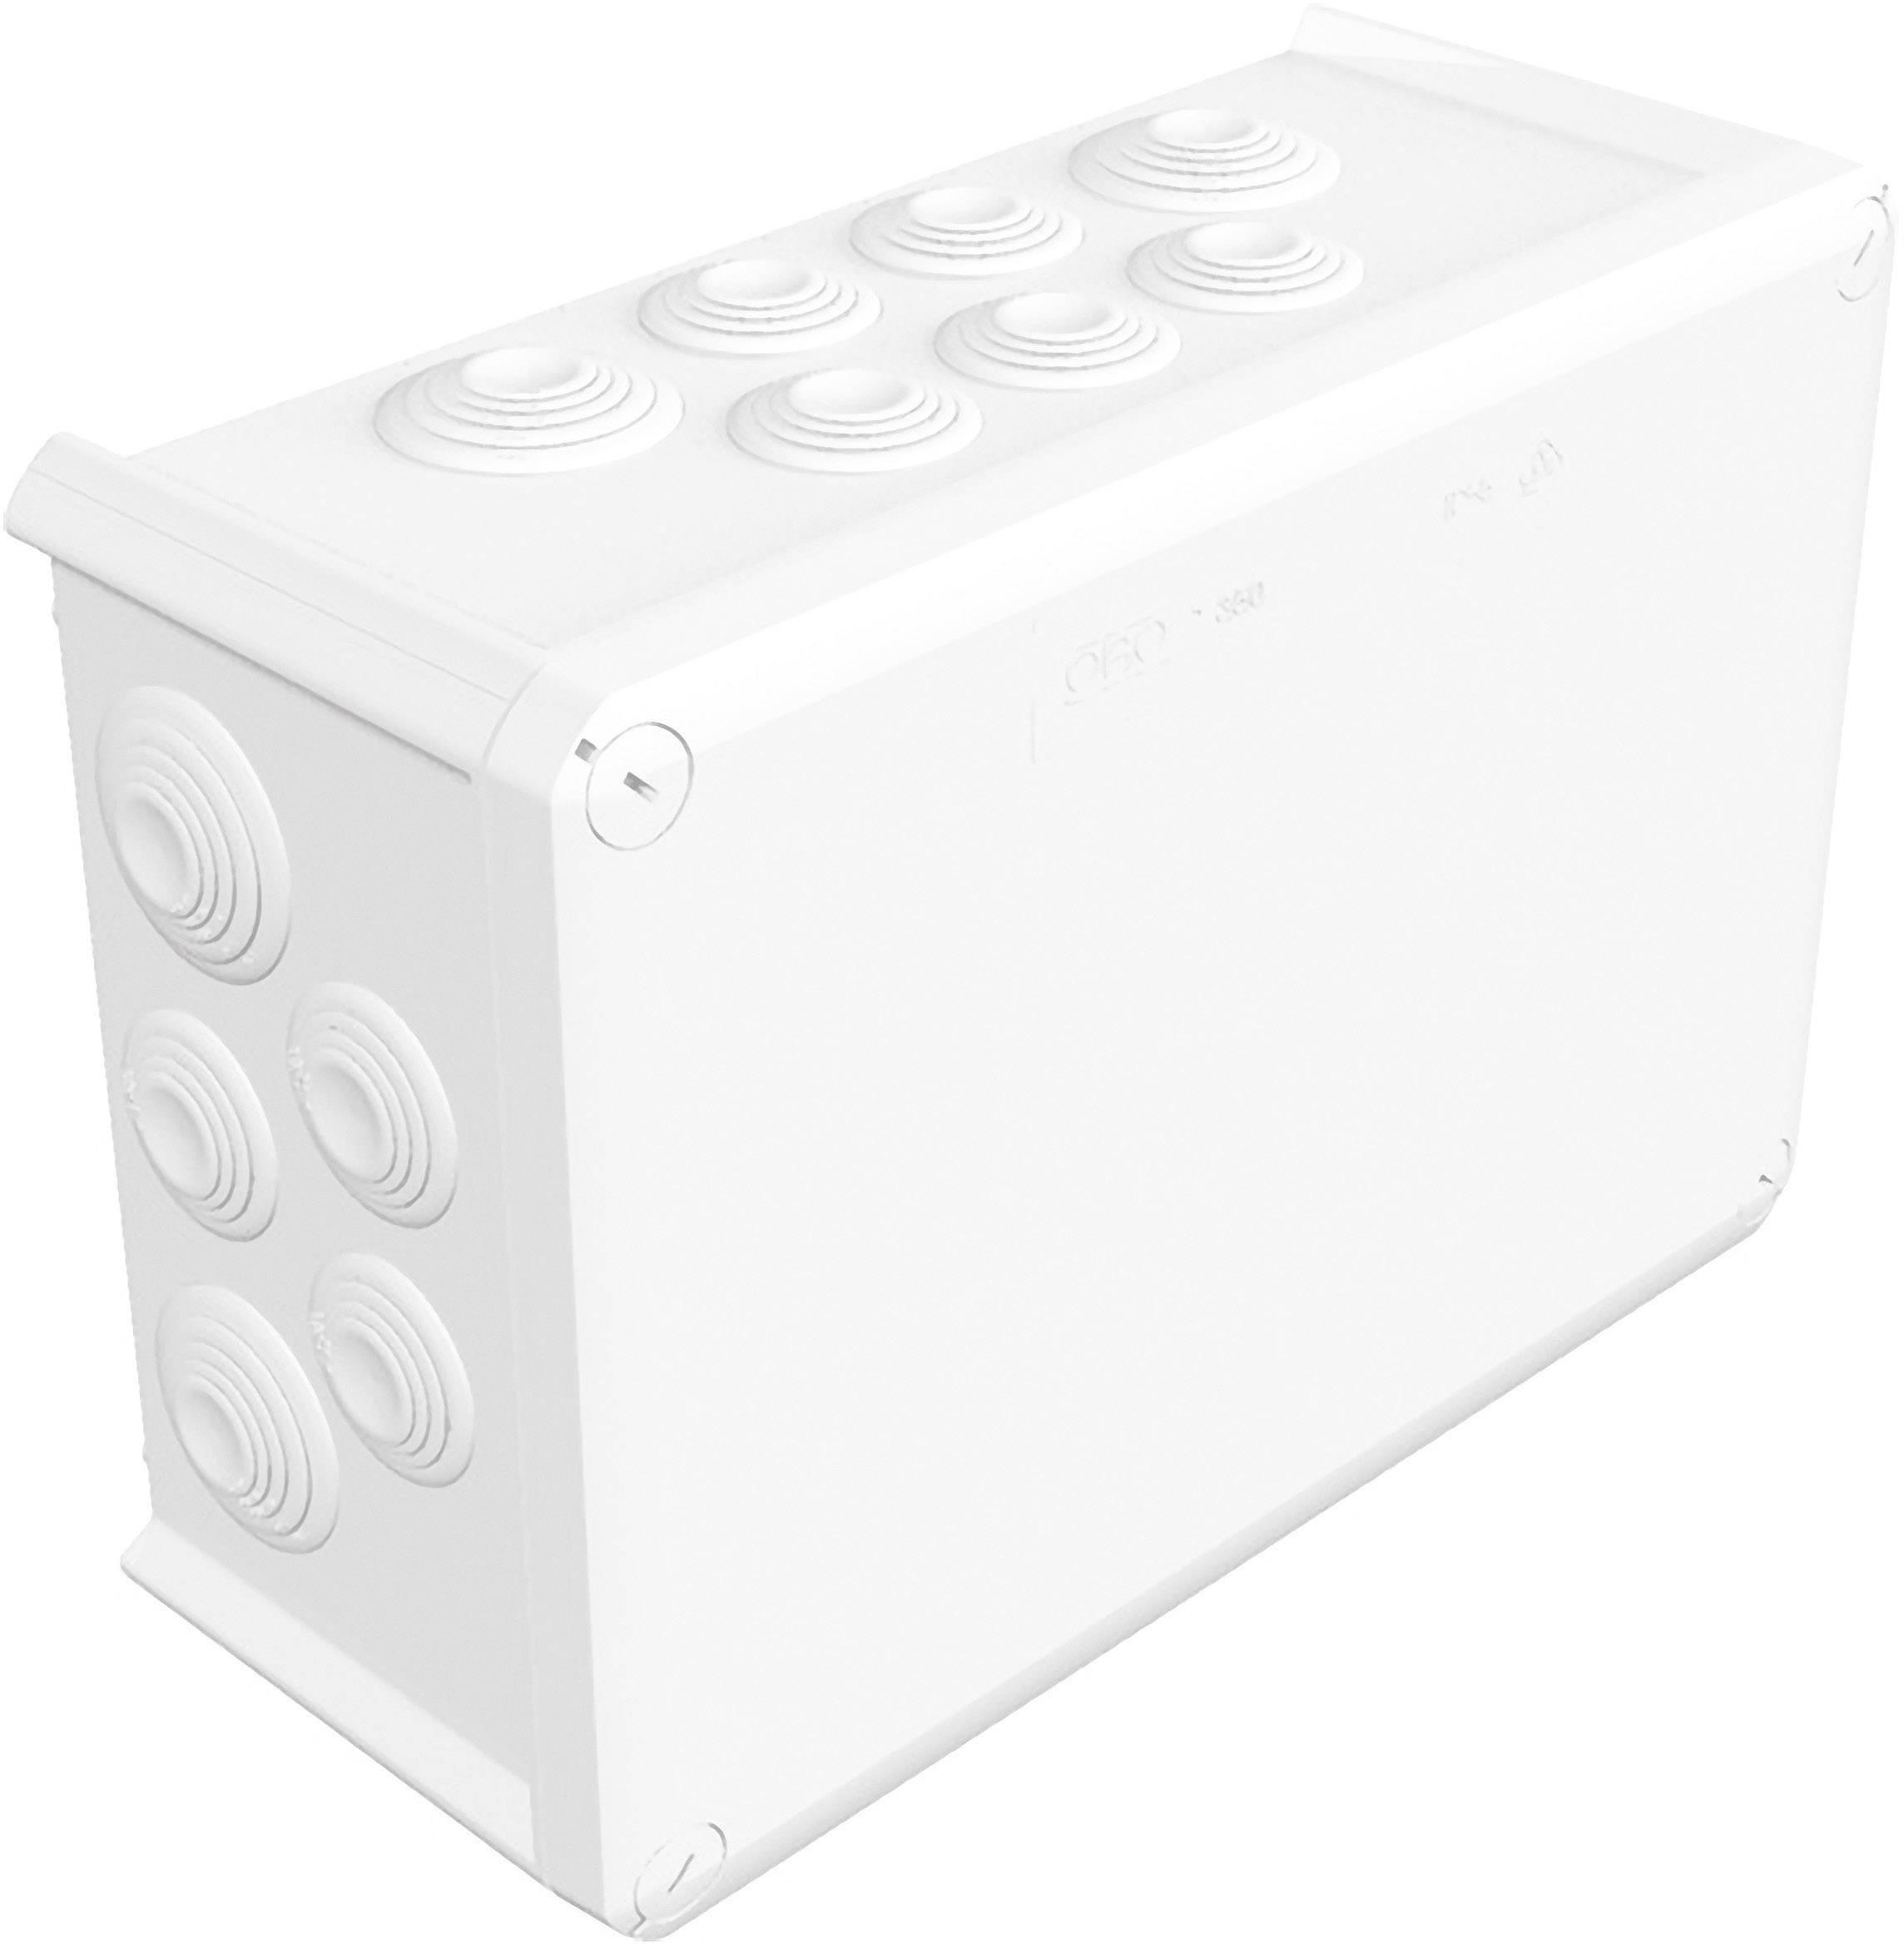 Rozbočovacia krabica OBO Betternann T350, IP66, 285x 201x 120 mm, jasne biela, 2007568